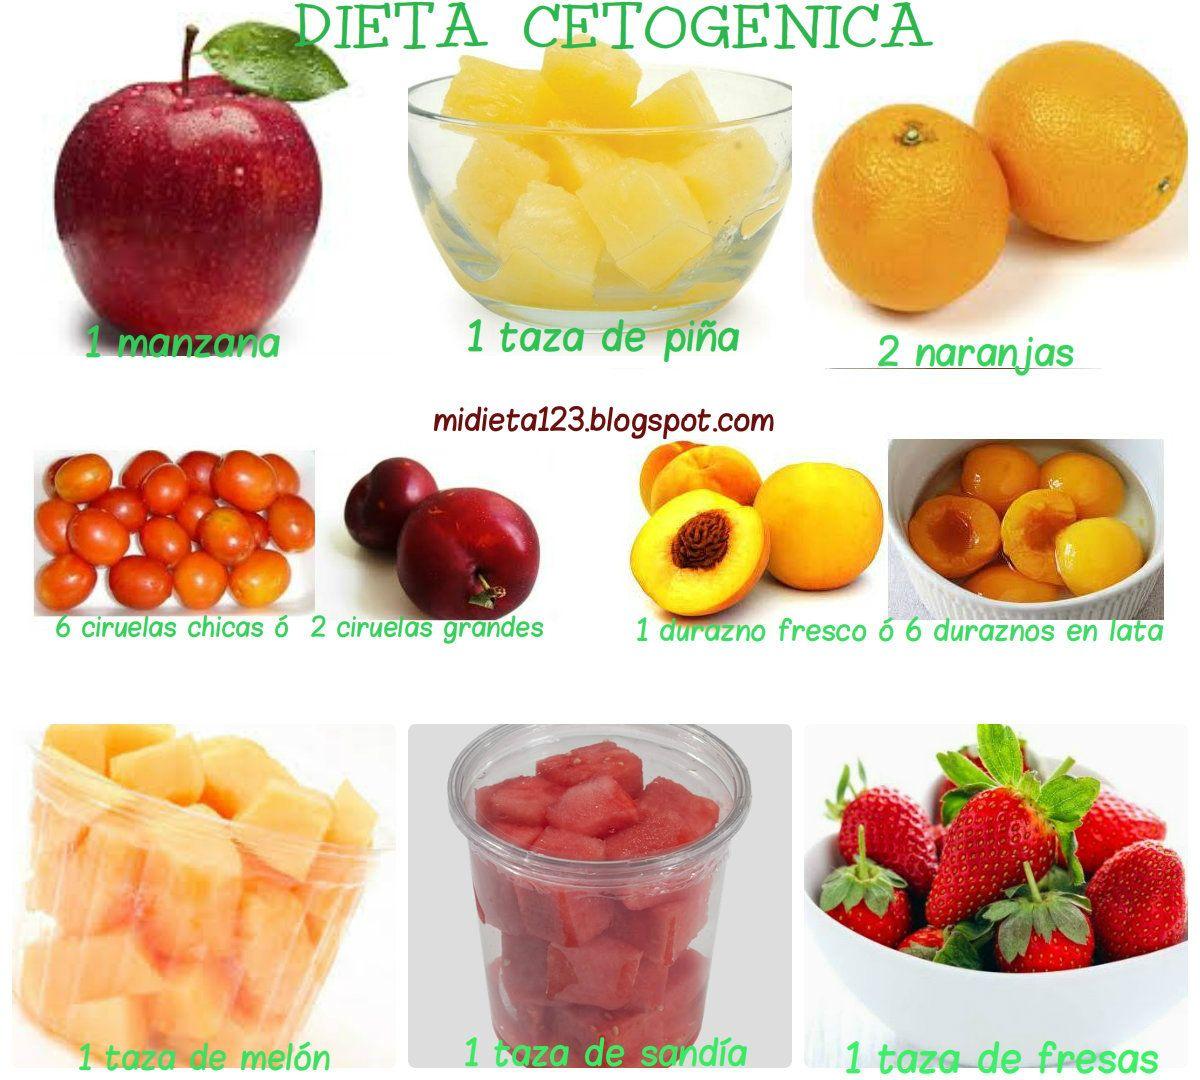 Alimentos que se pueden consumir en una dieta cetogenica